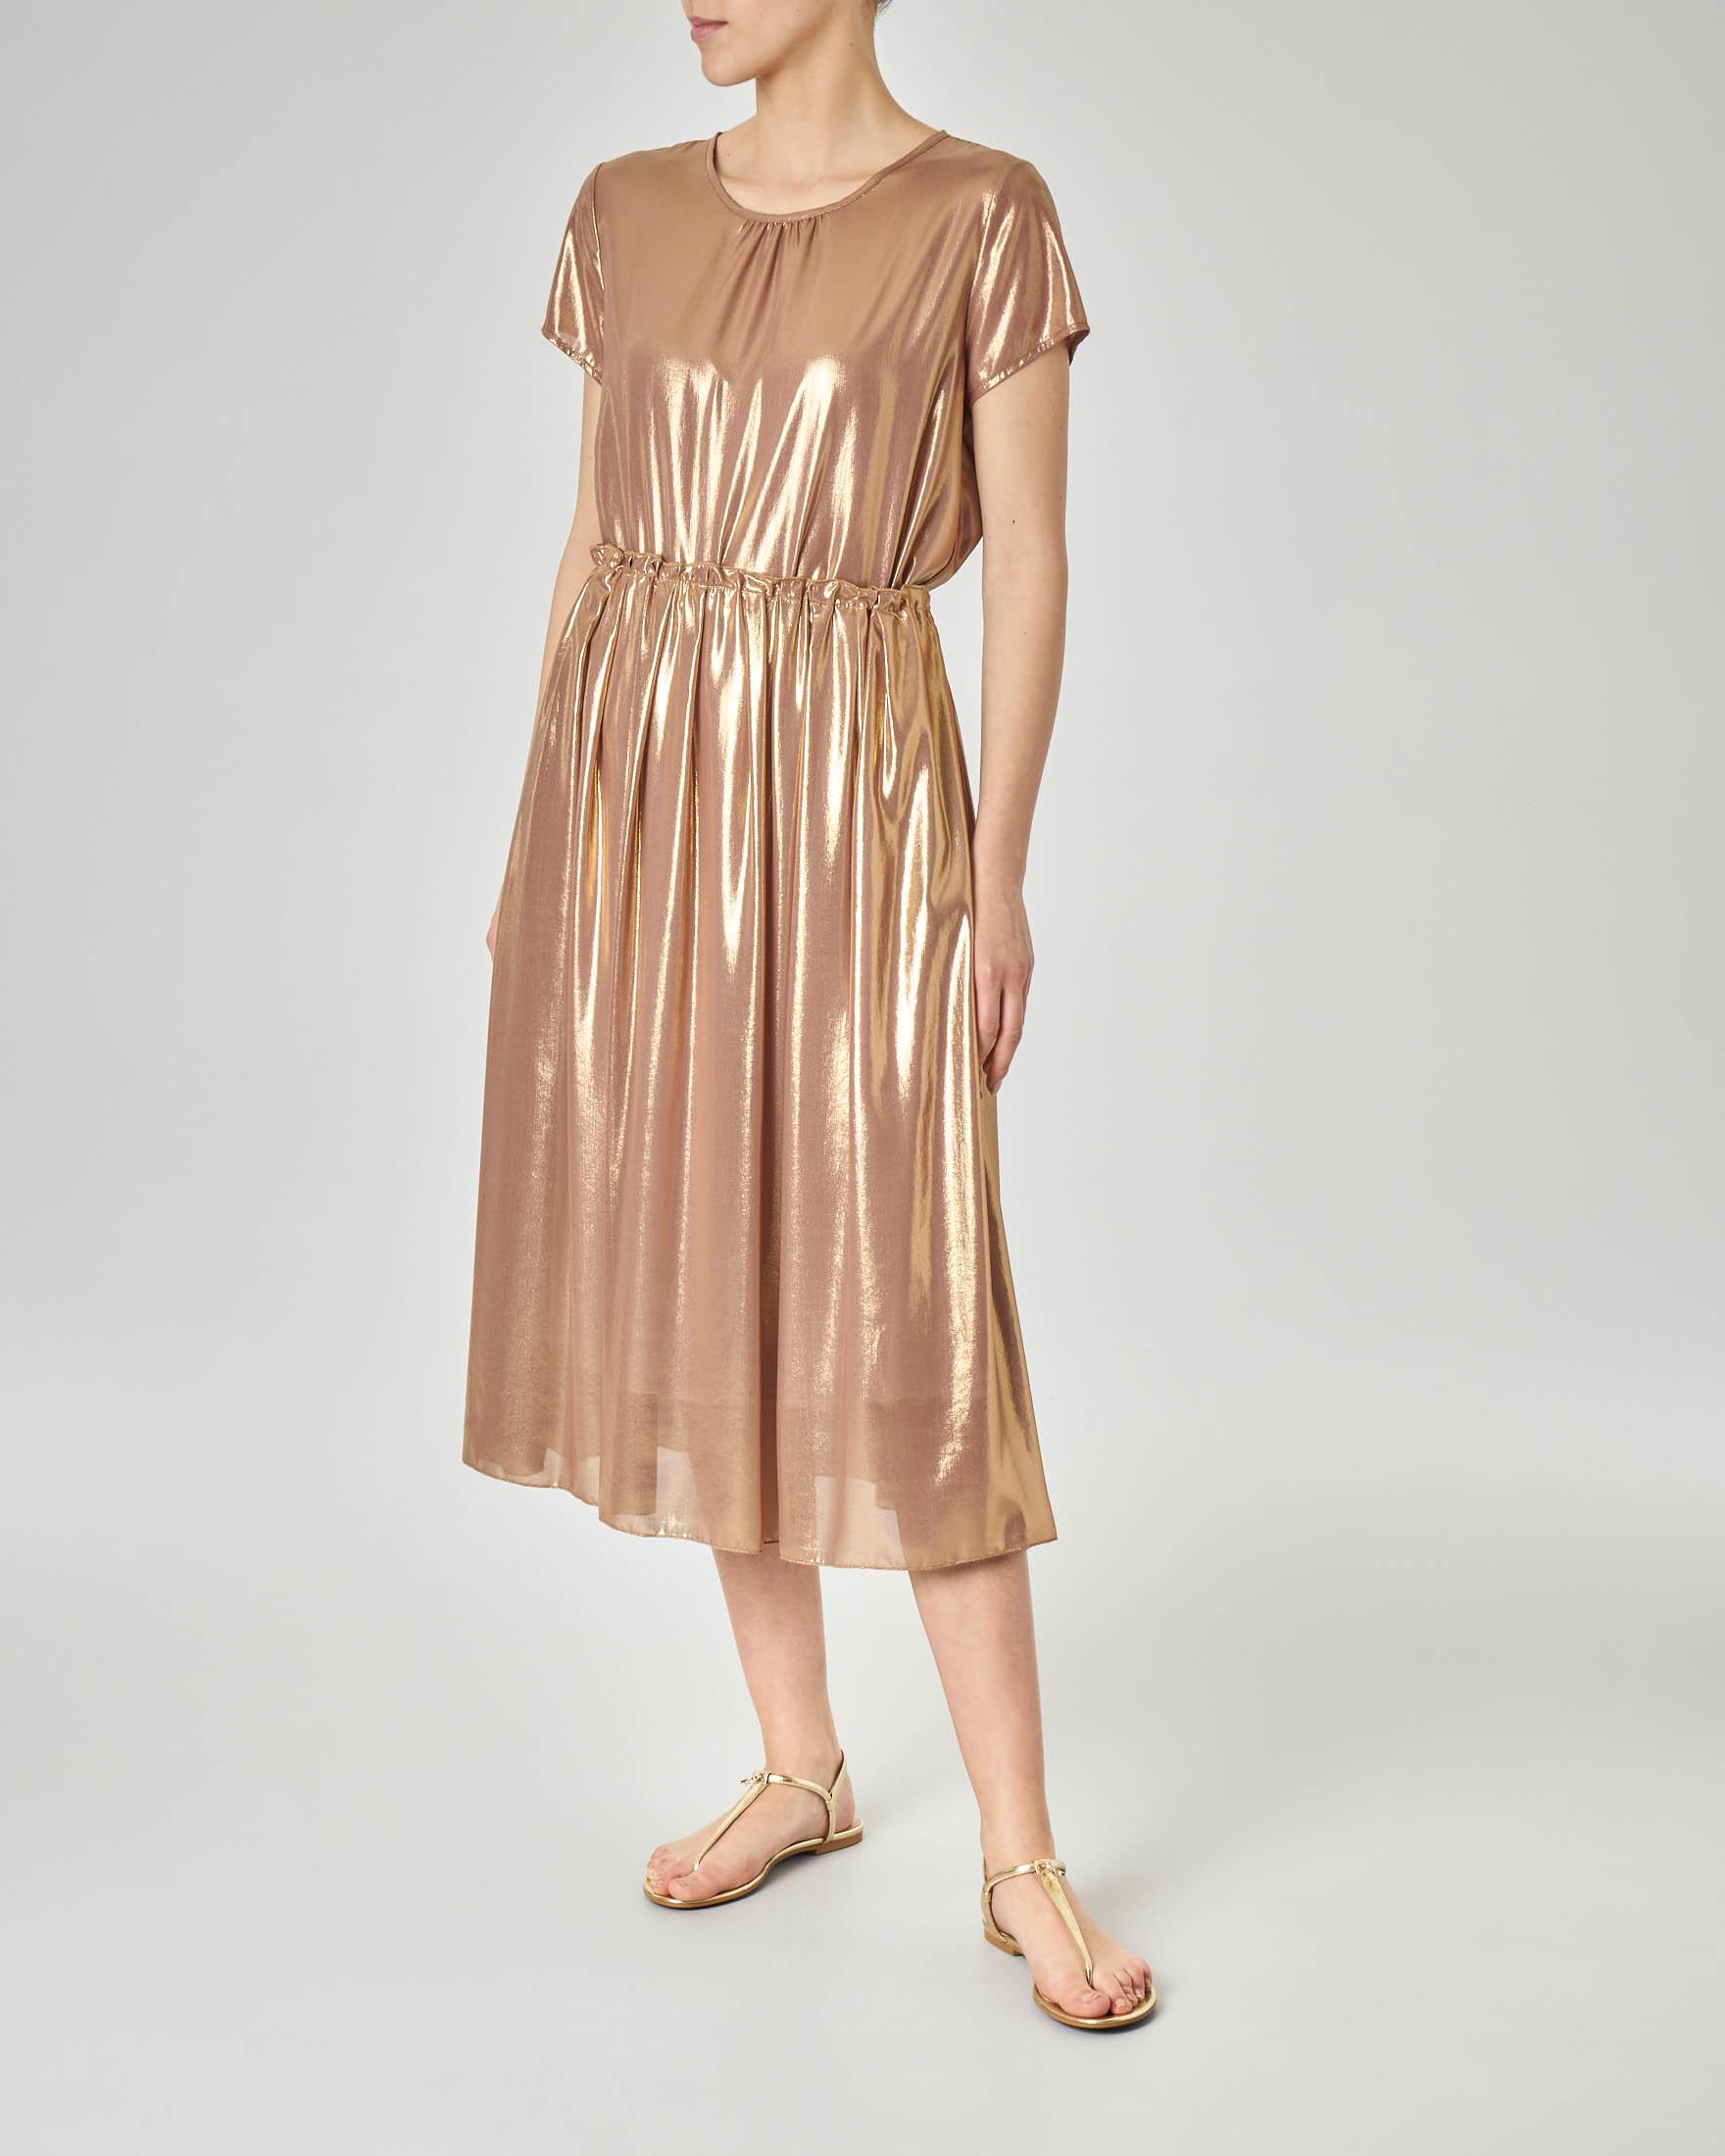 Blusa girocollo in tessuto oro effetto laminato